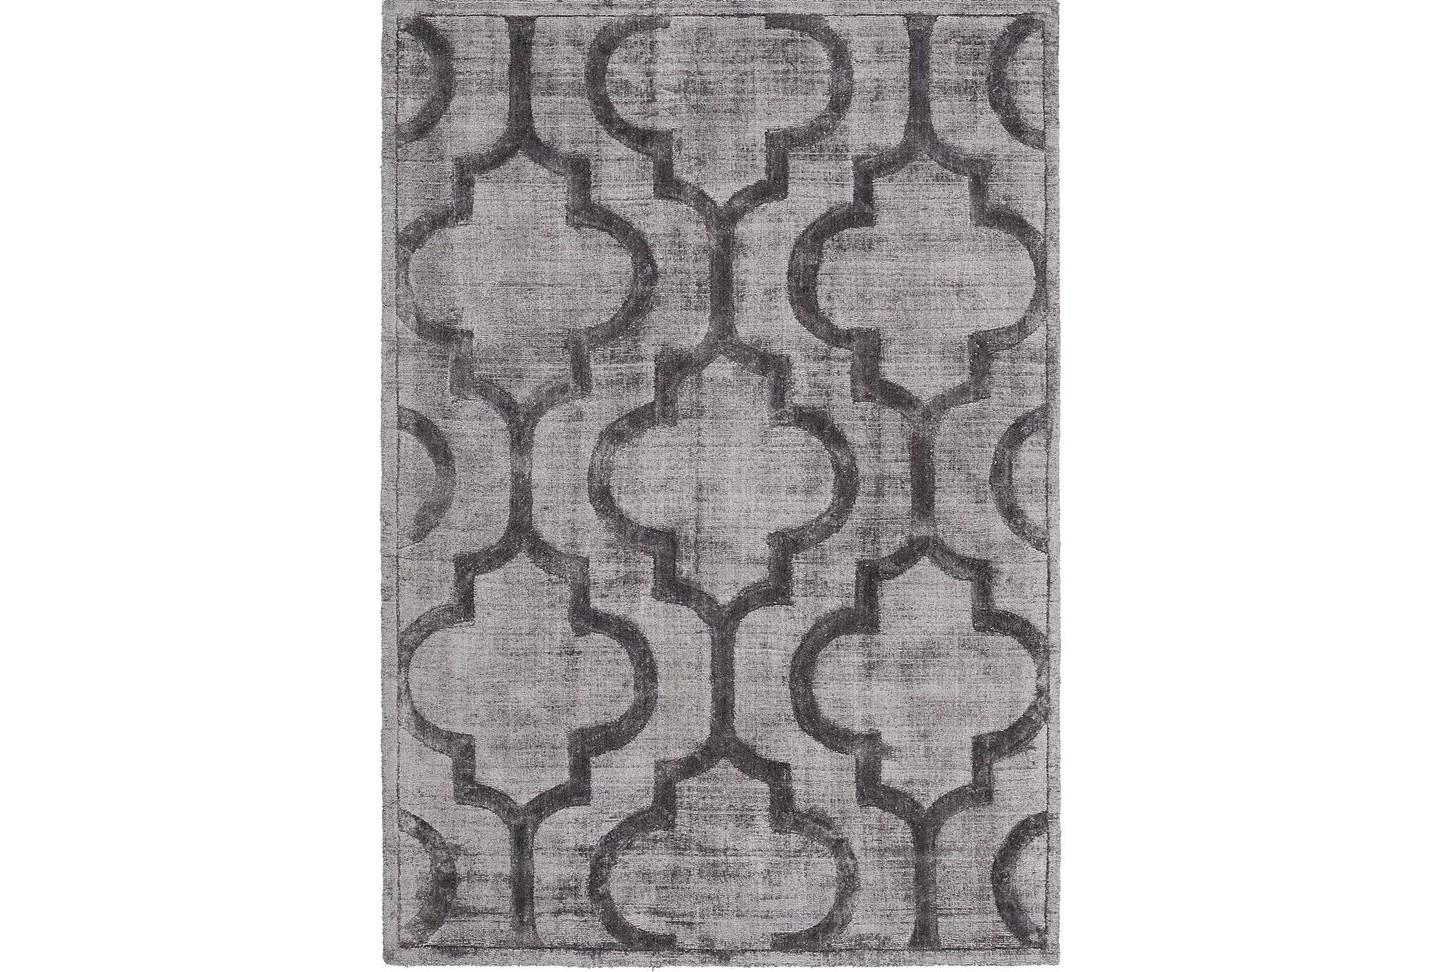 Ковер Eternity 160х230Прямоугольные ковры<br>Мягкие и шелковистые ковры ручной работы, очень красиво блестят и переливаются в зависимости от освещения в интерьере. При дневном освещении оттенок может быть бледнее, при искусственном более насыщенным.&amp;lt;div&amp;gt;&amp;lt;br&amp;gt;&amp;lt;/div&amp;gt;&amp;lt;div&amp;gt;Основа - хлопок.&amp;lt;/div&amp;gt;<br><br>Material: Шерсть<br>Ширина см: 160<br>Глубина см: 230